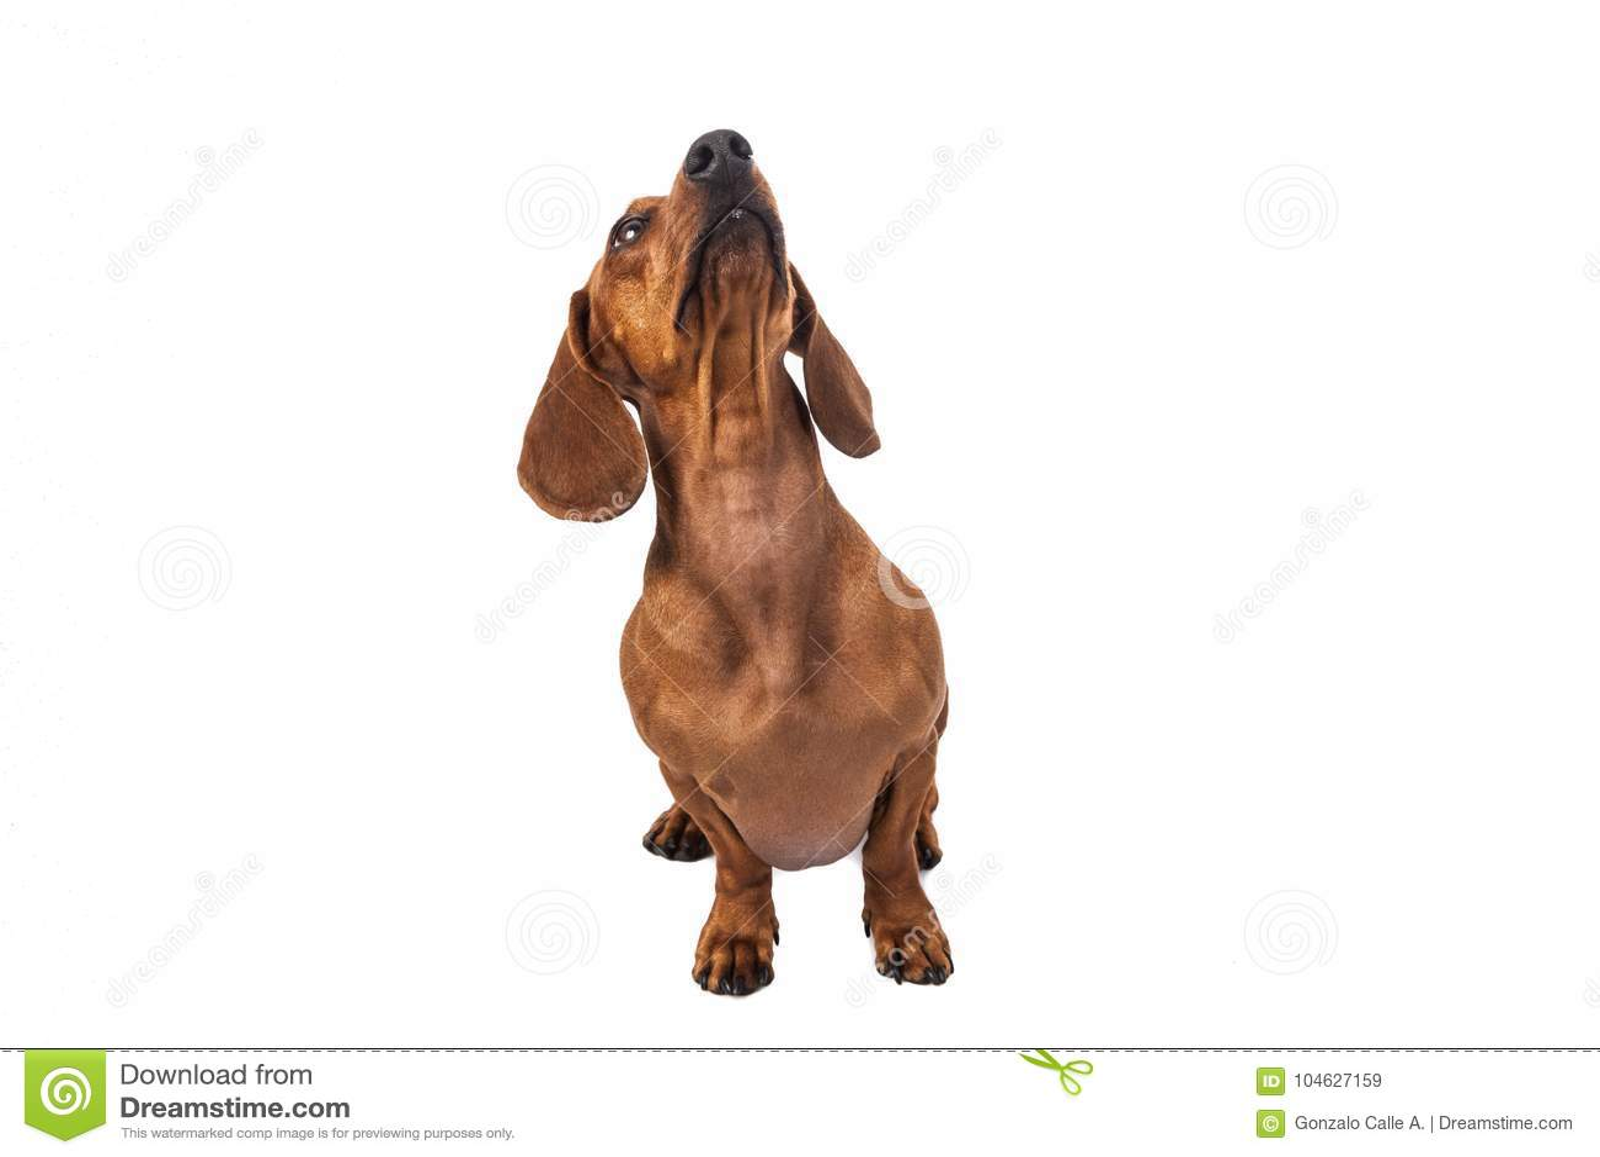 Download De Hond Van De Tekkel Die Over Witte Achtergrond Wordt Geïsoleerdh Stock Afbeelding - Afbeelding bestaande uit hunting, geïsoleerd: 104627159